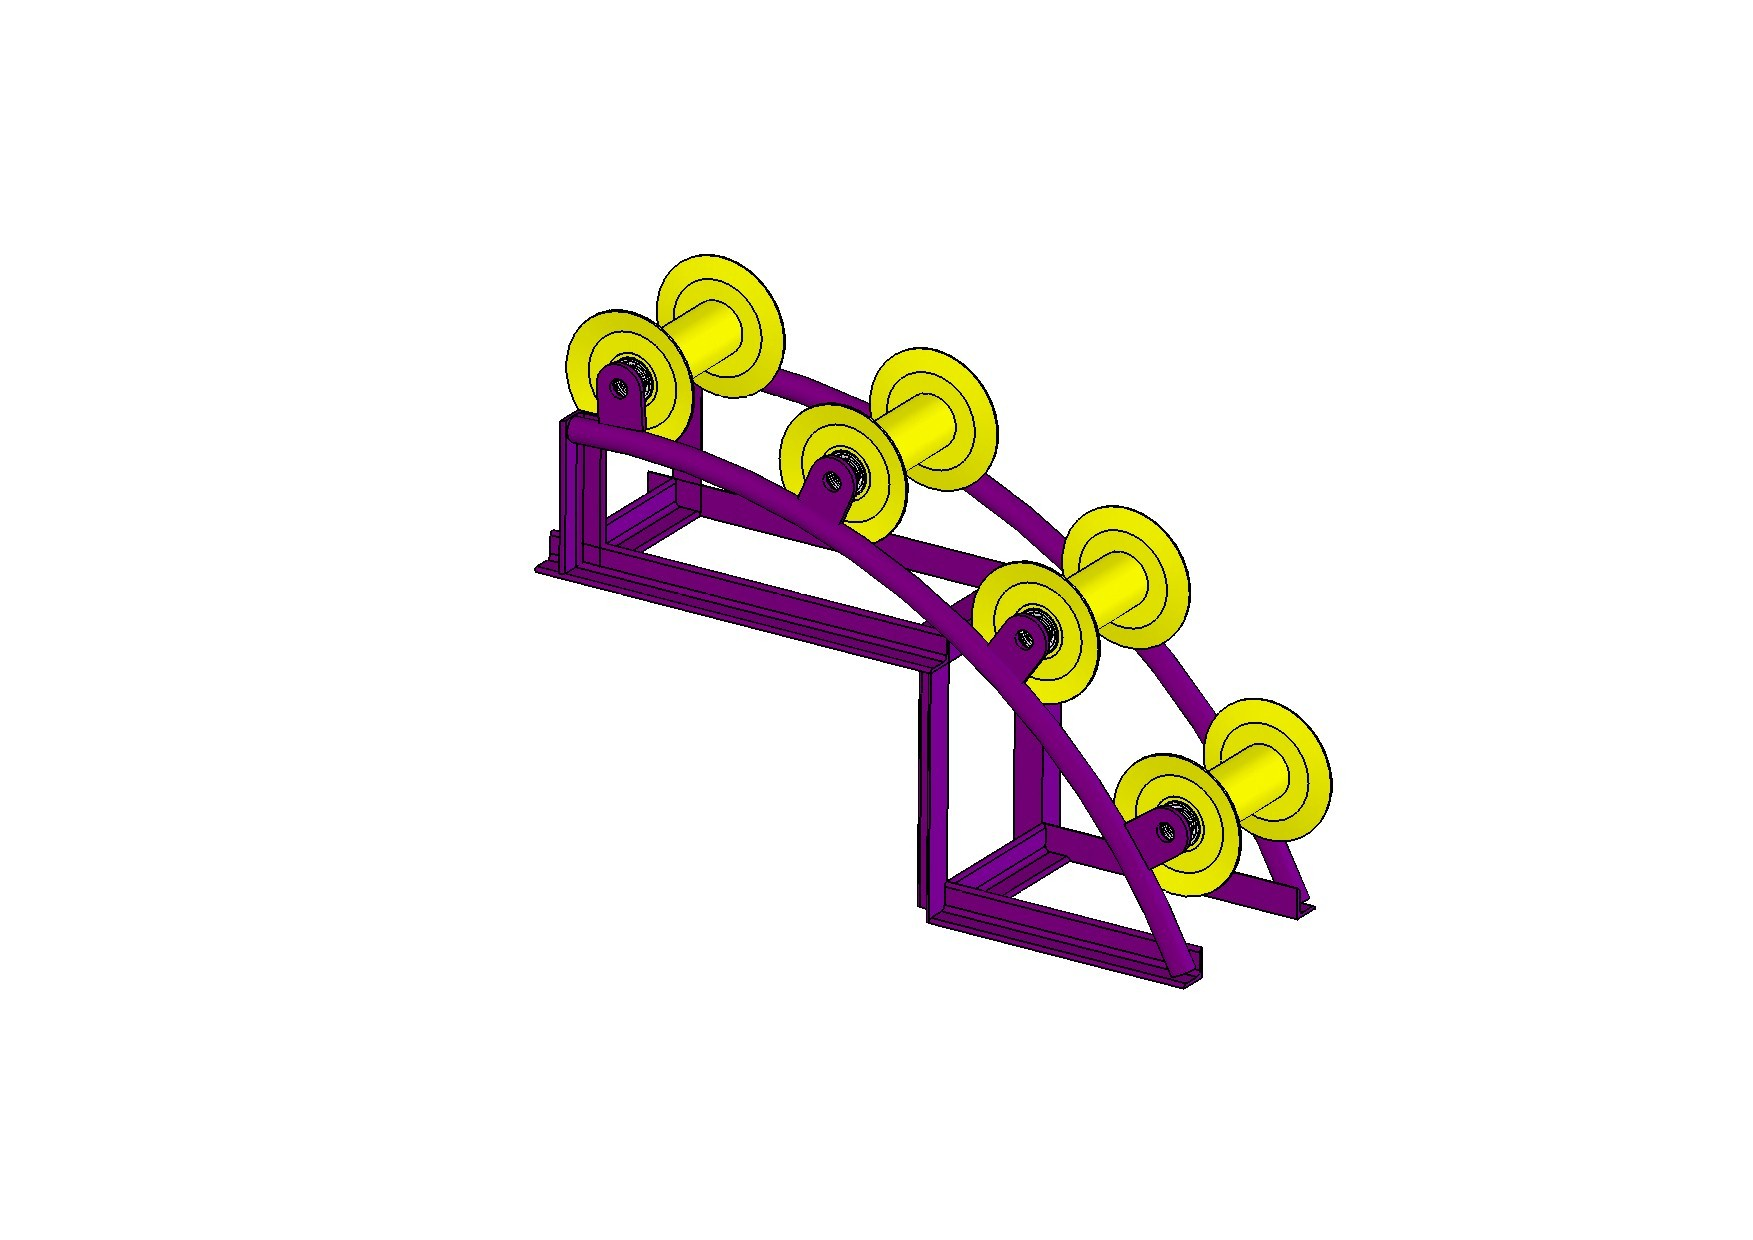 Ролик угловой модульный для прокладки кабеля (4 ролика, тип В)